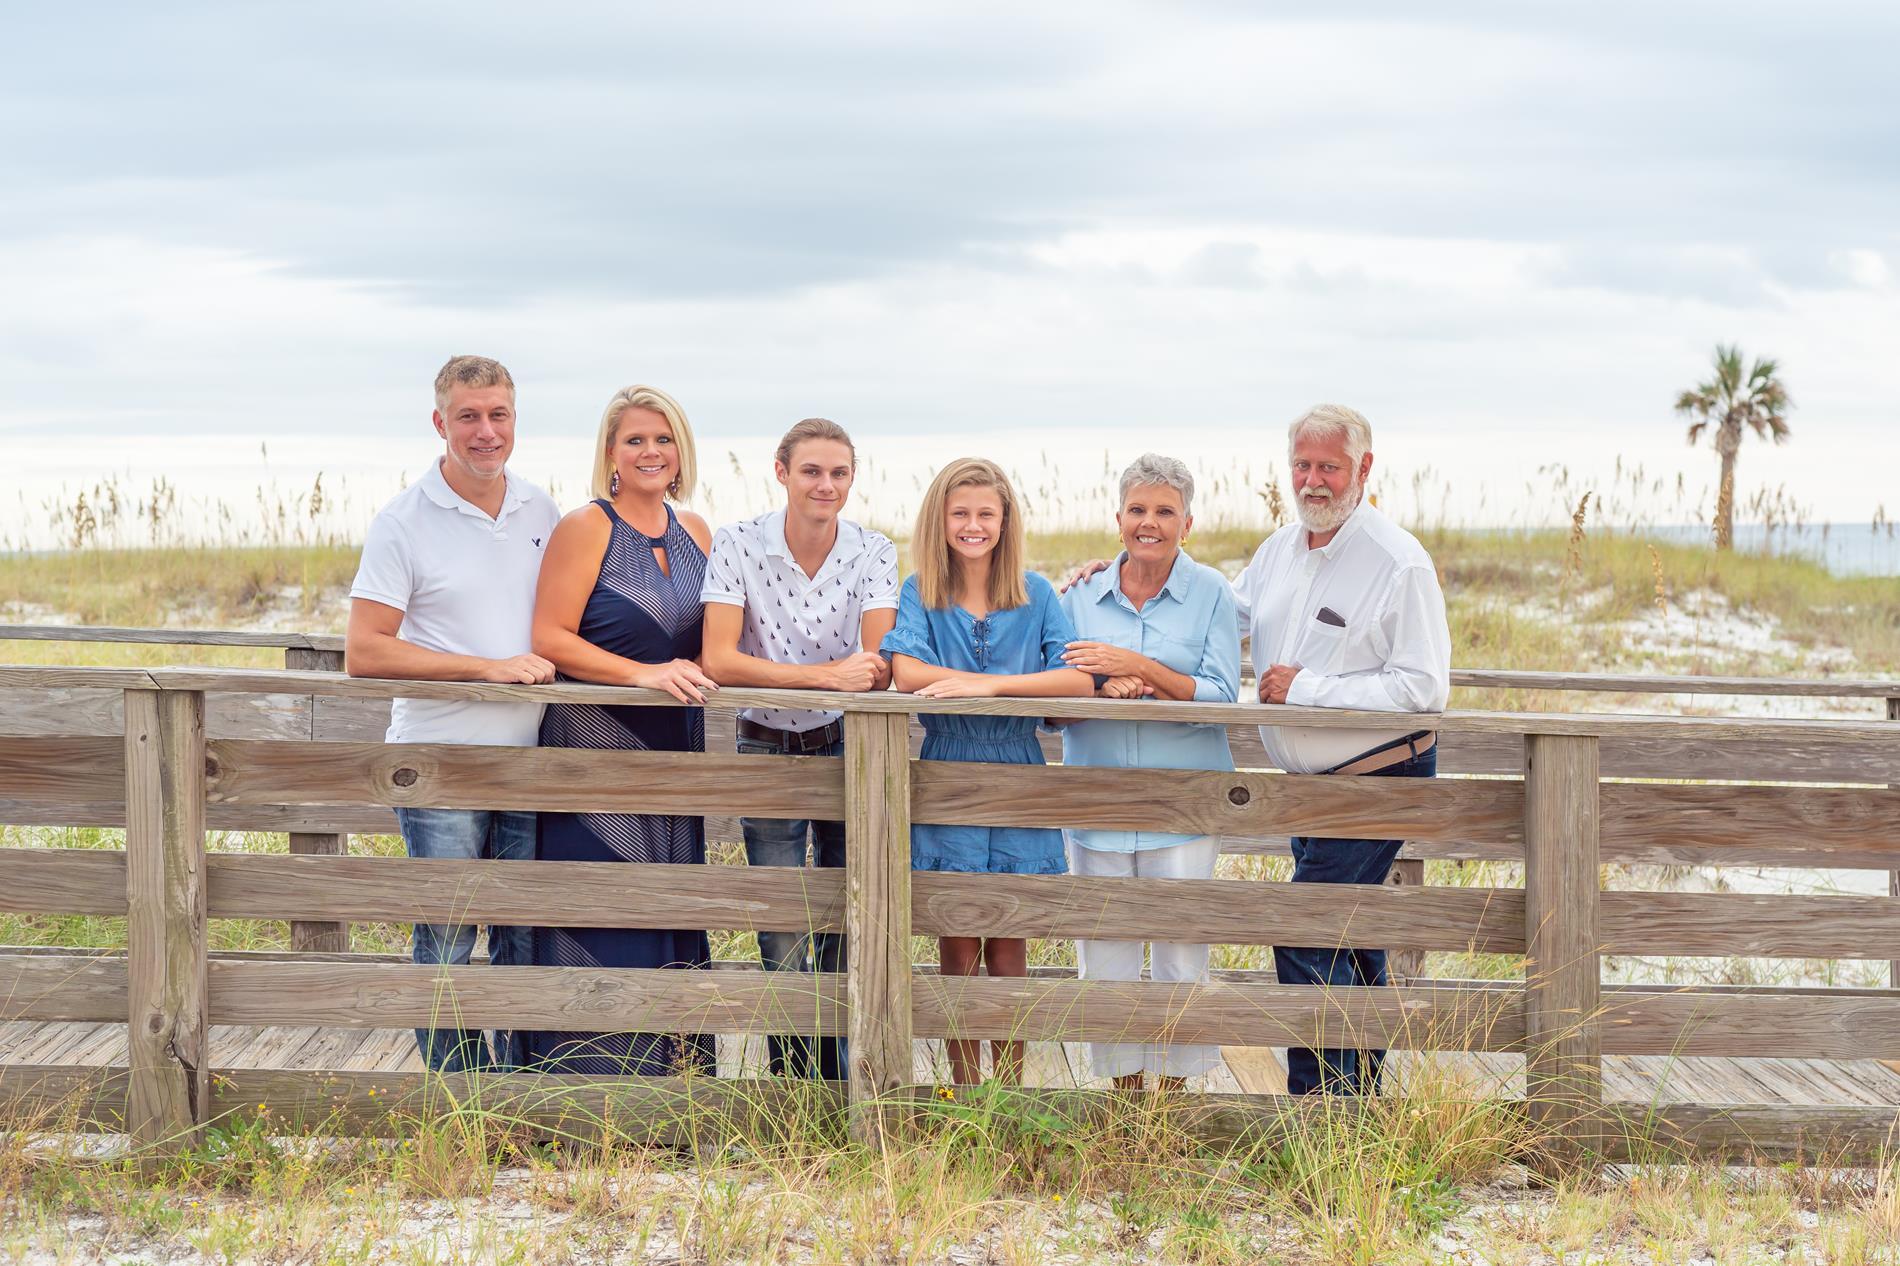 Brianne Matheney Headshot Family